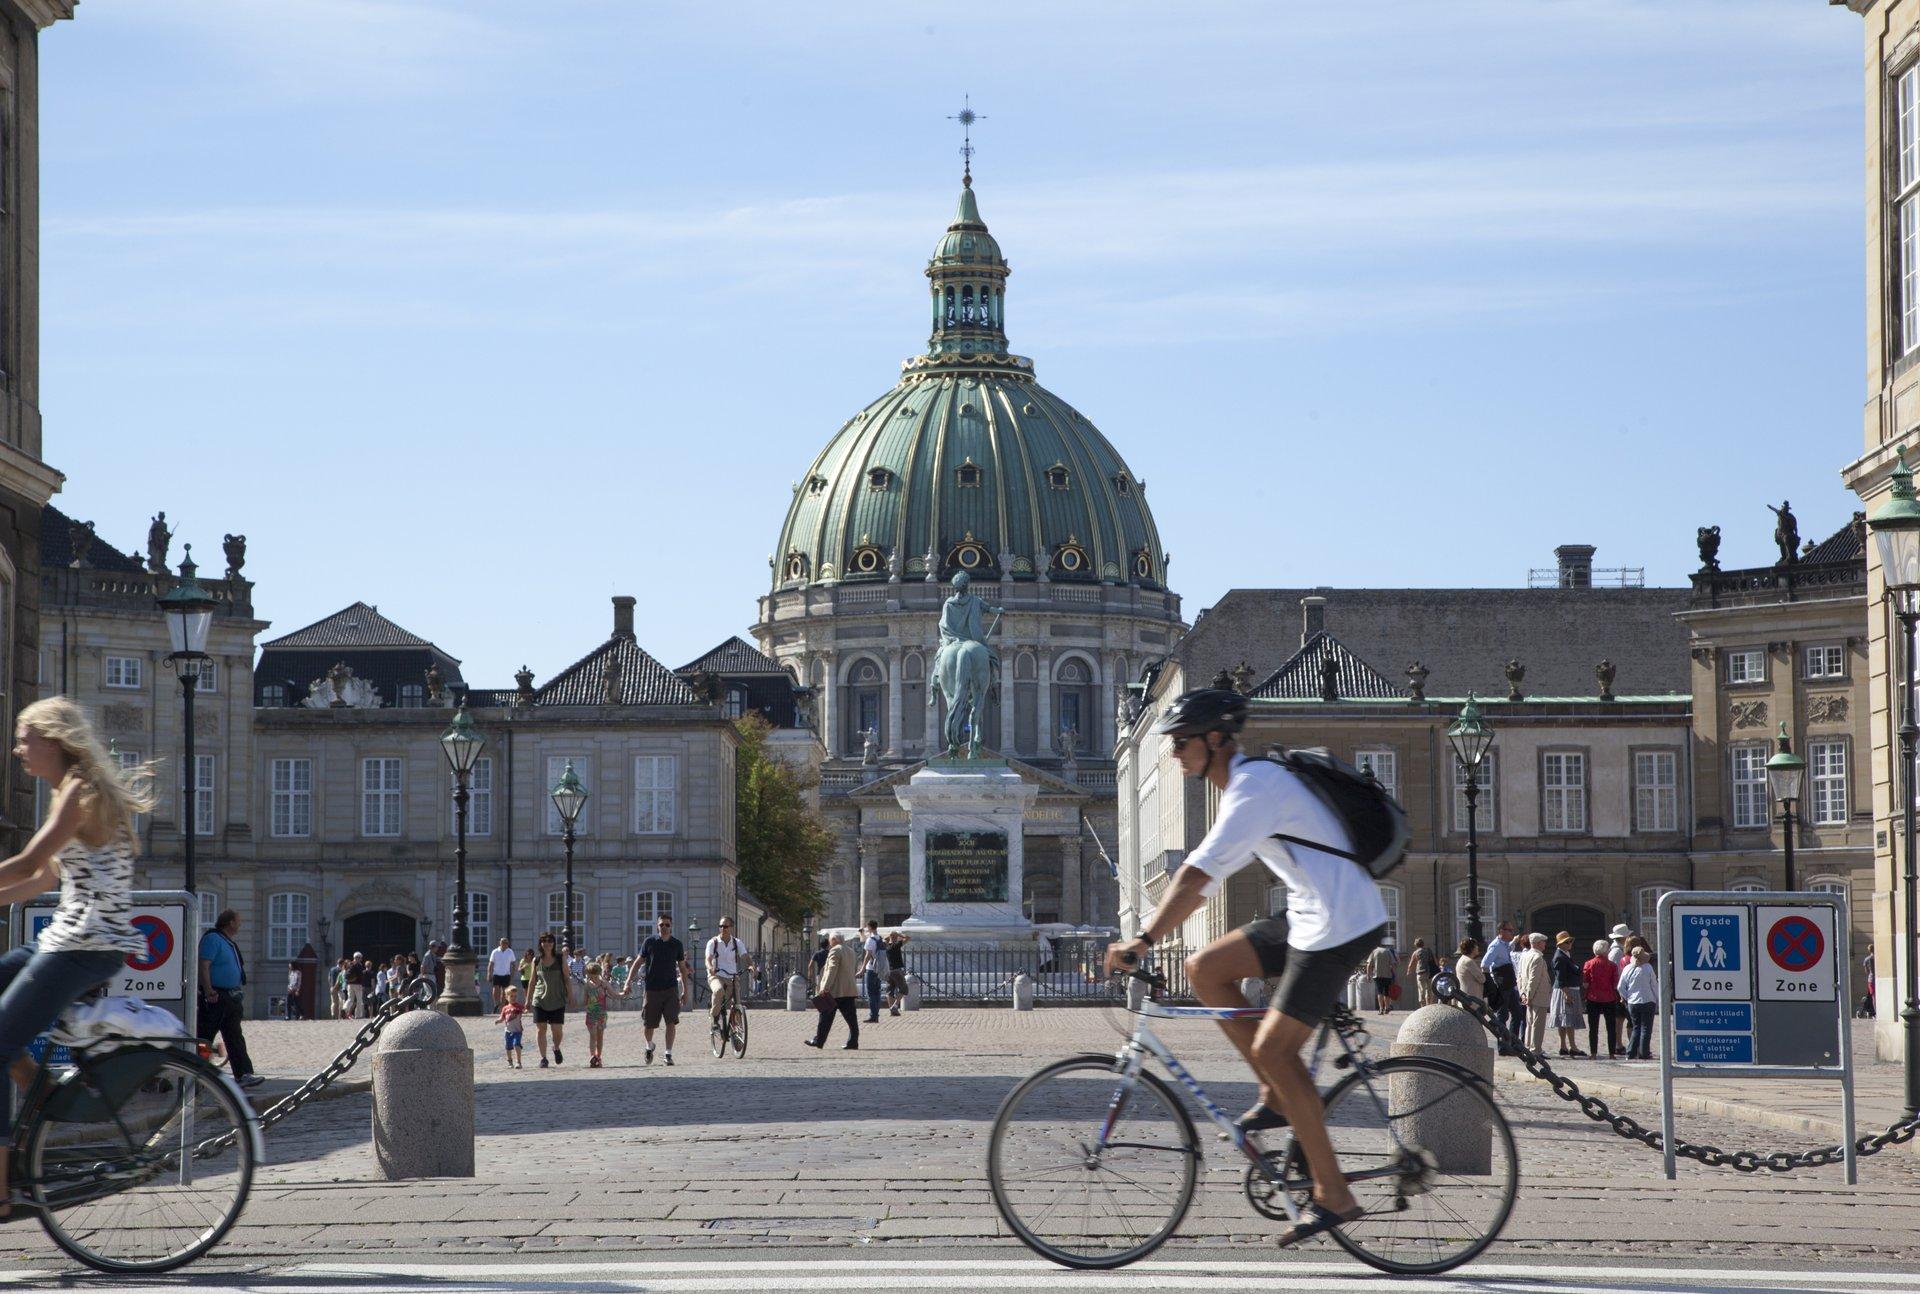 Både dansk kyst- og storbyturisme har mange udfordringer, siger VisitDenmarks bestyrelsesformand. Arkivfoto fra København: Kim Wyon for VisitDenmark.